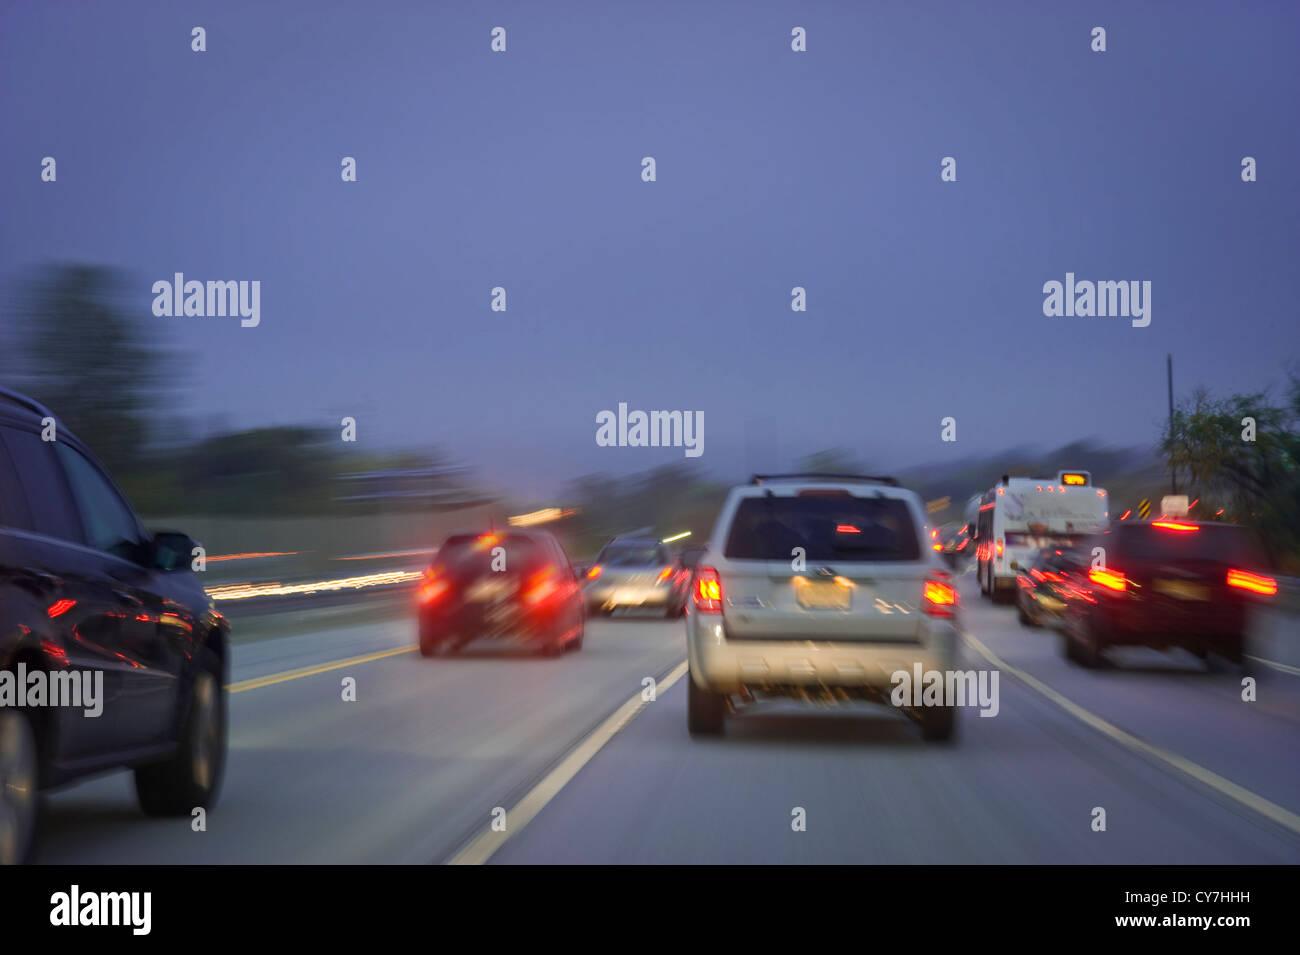 Les voitures sur l'autoroute de nuit avec Motion Blur Photo Stock